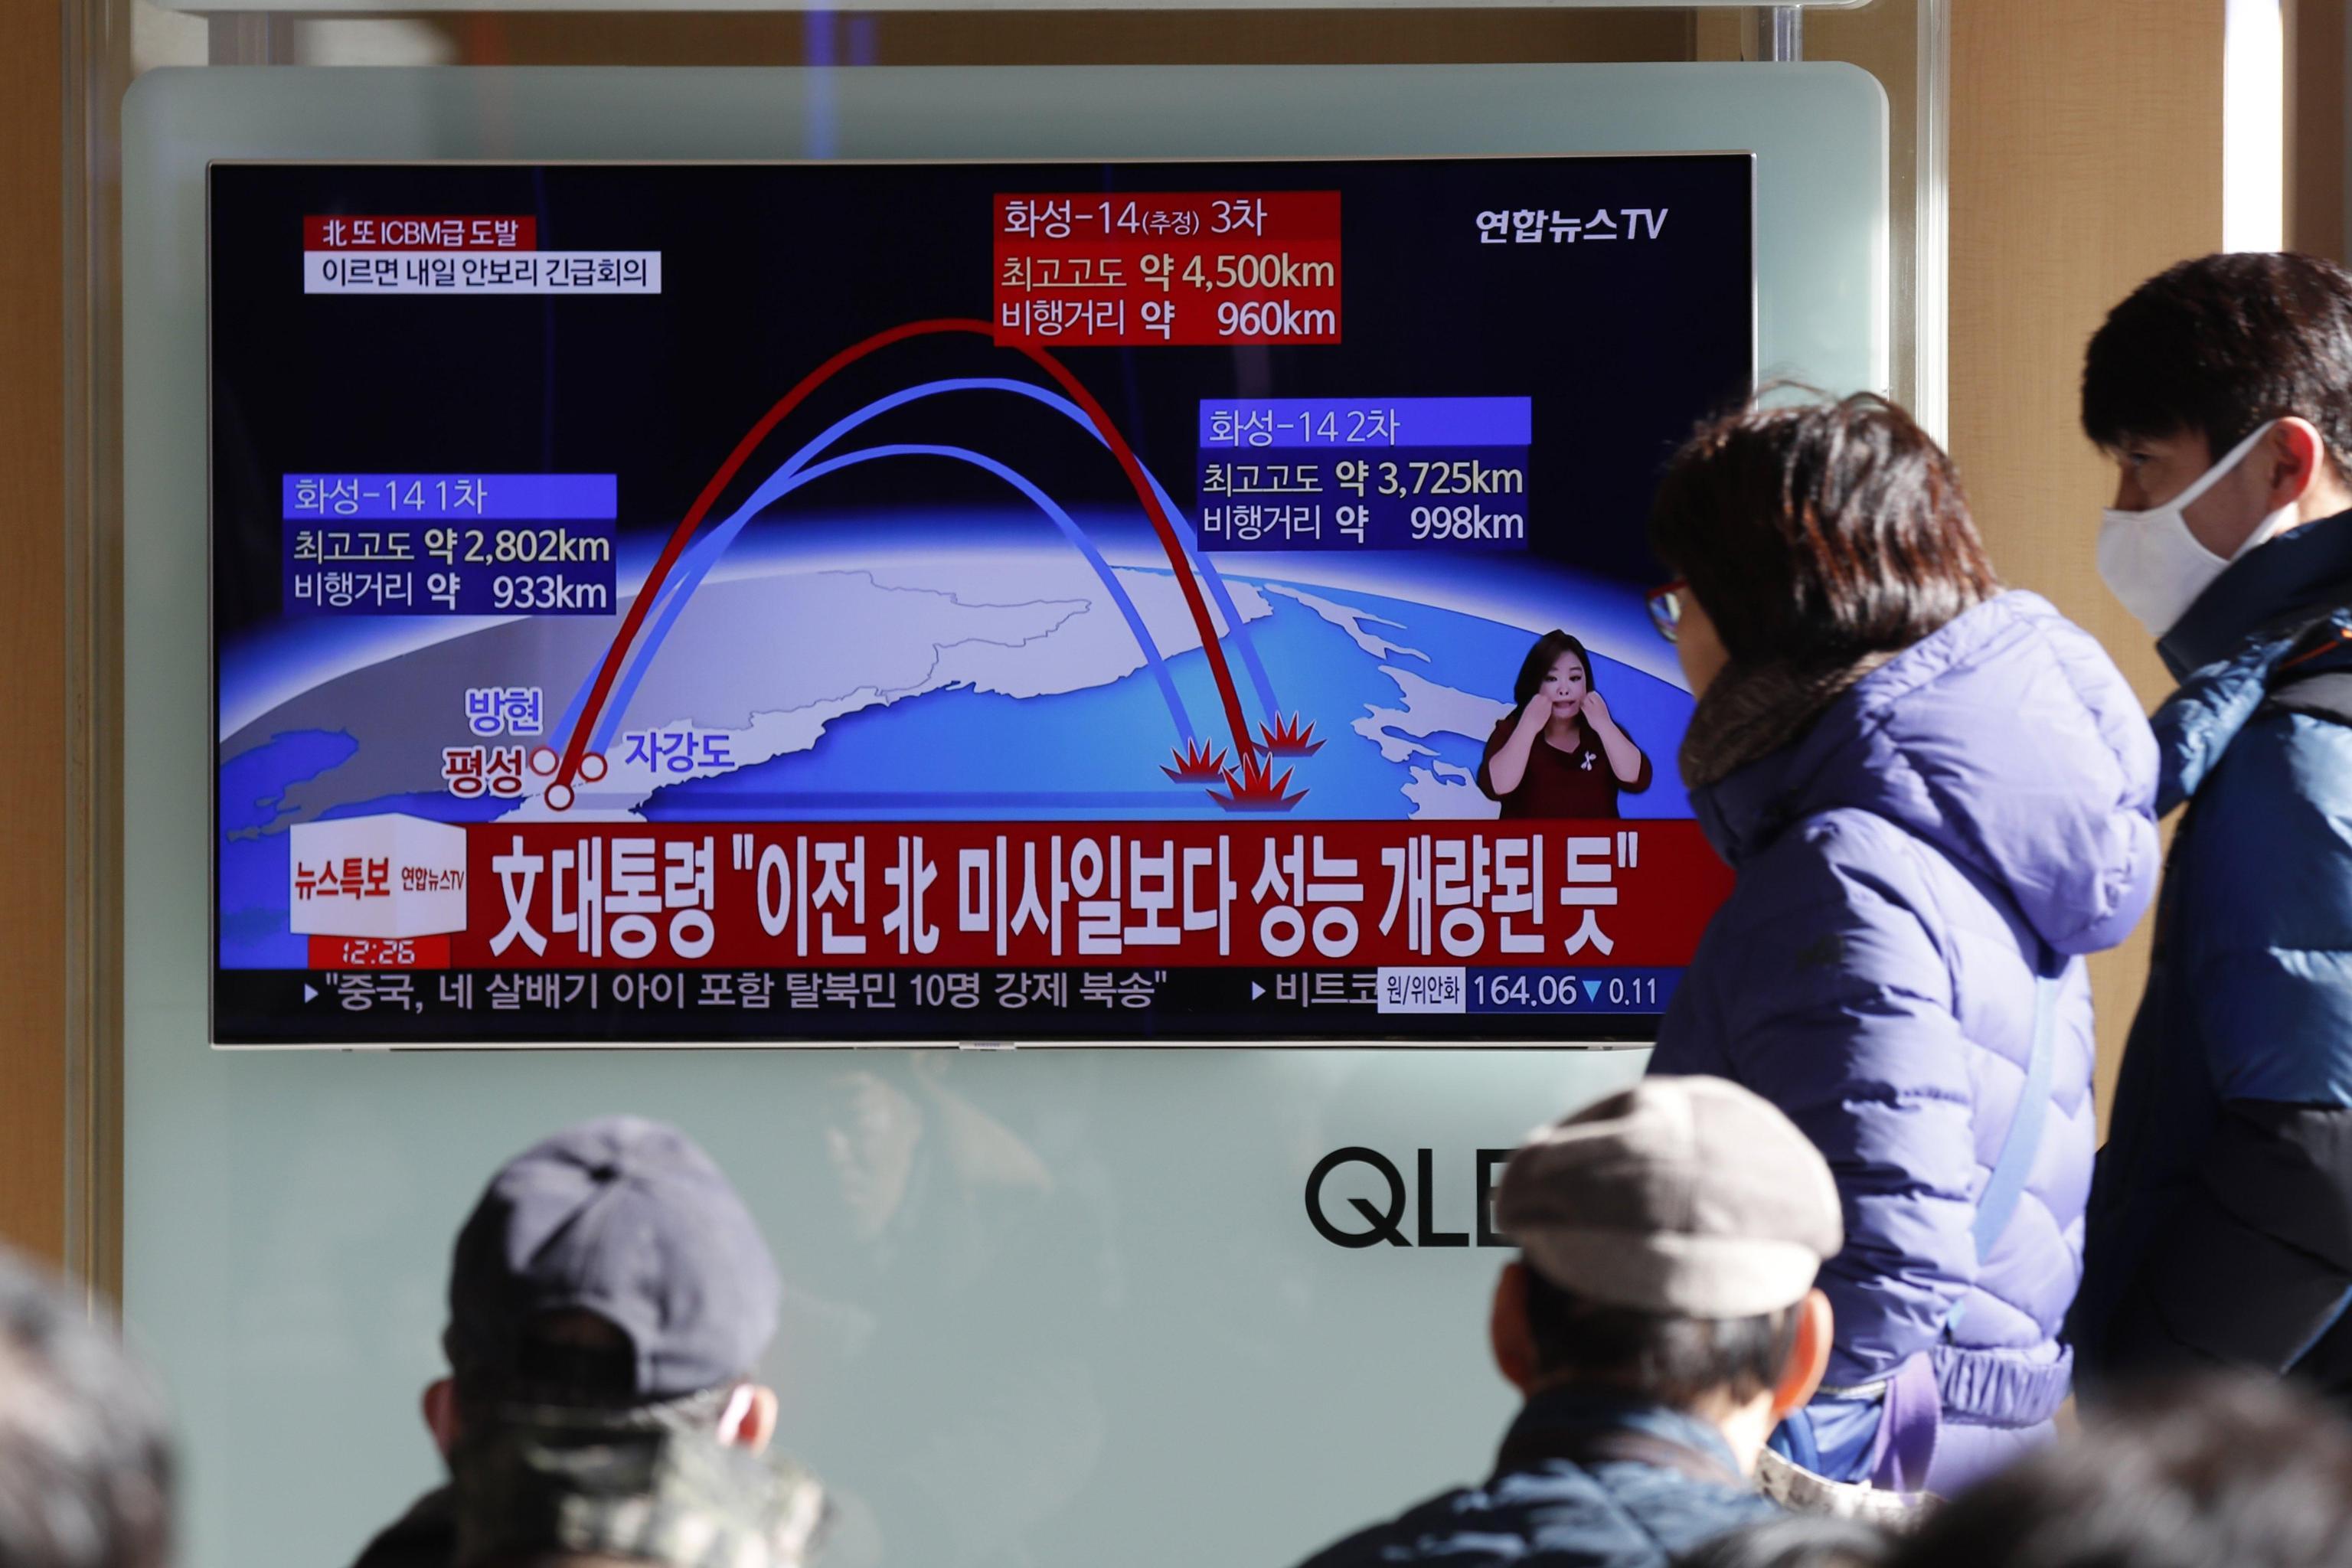 Equipaggio Cathay ha visto missile Corea